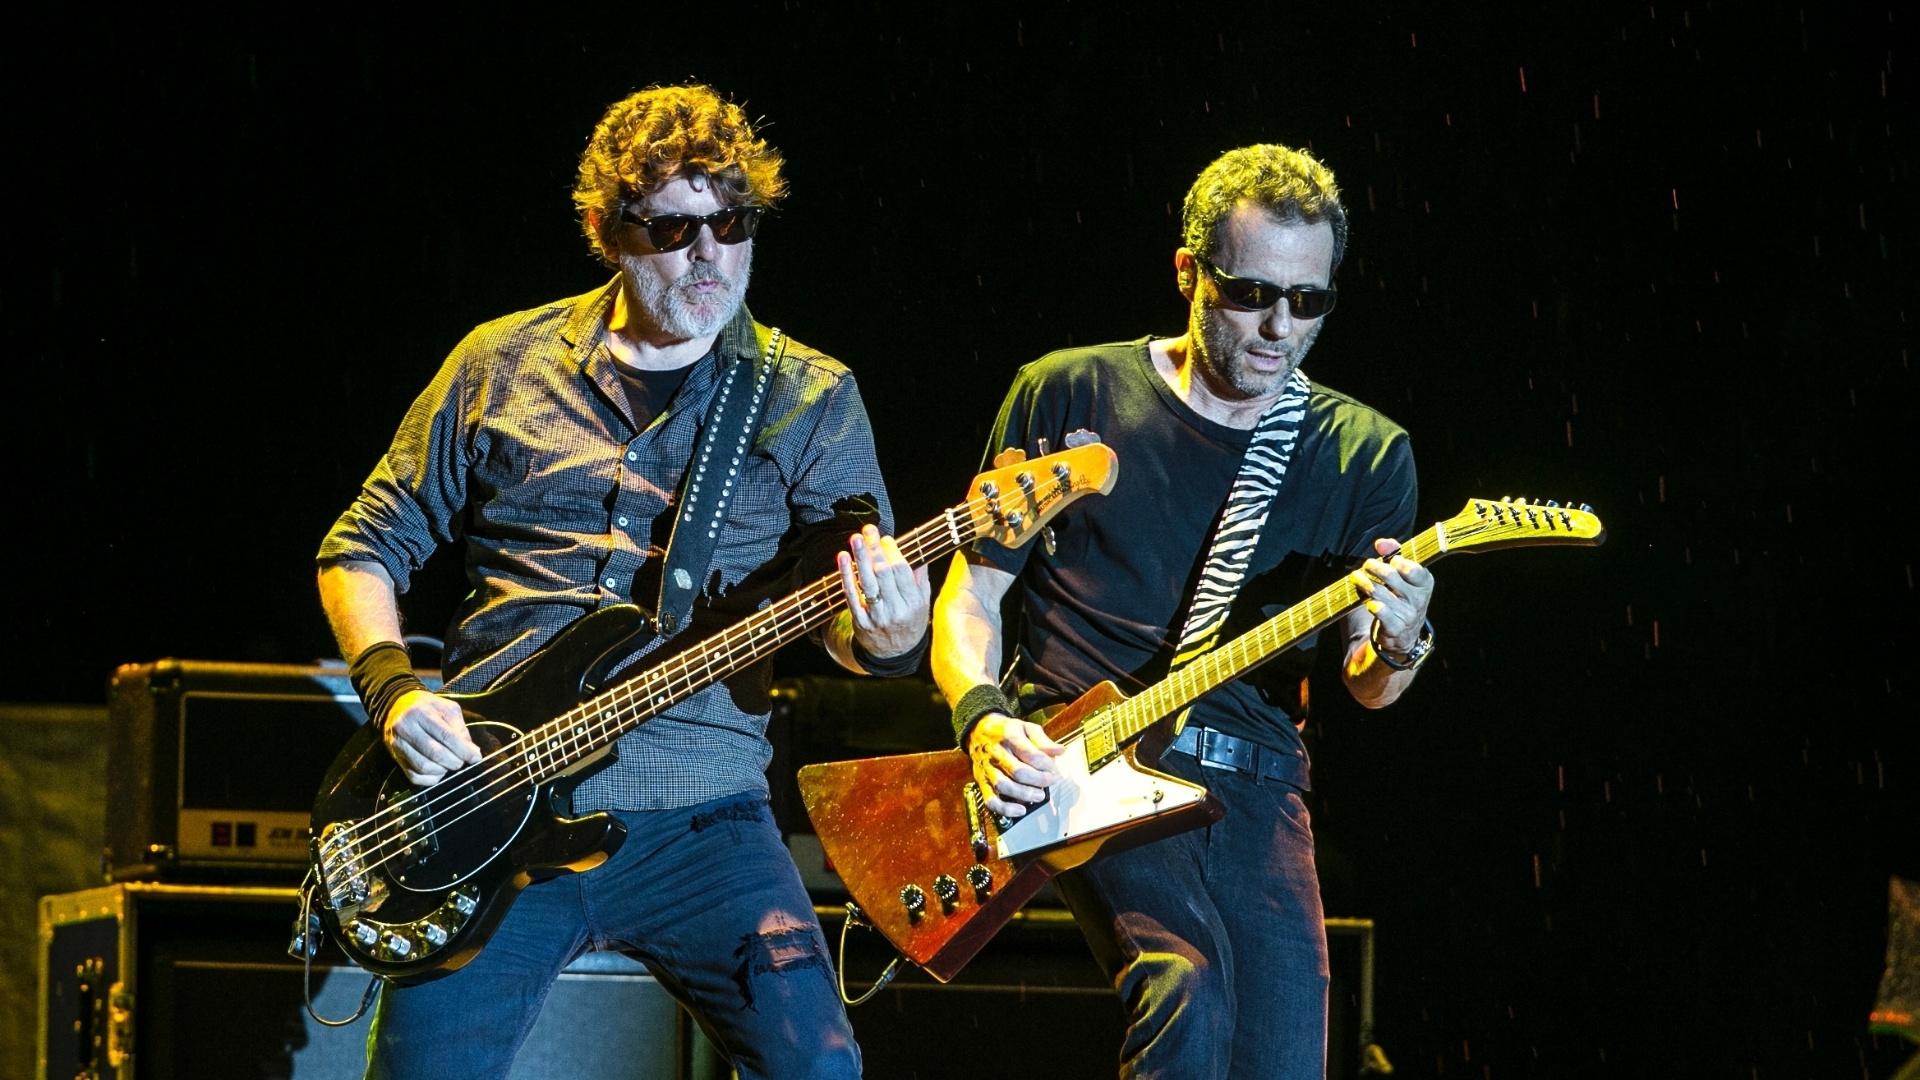 24.fev.2016 - Sob chuva, Titãs abre show dos Rolling Stones no estádio do Morumbi, em São Paulo